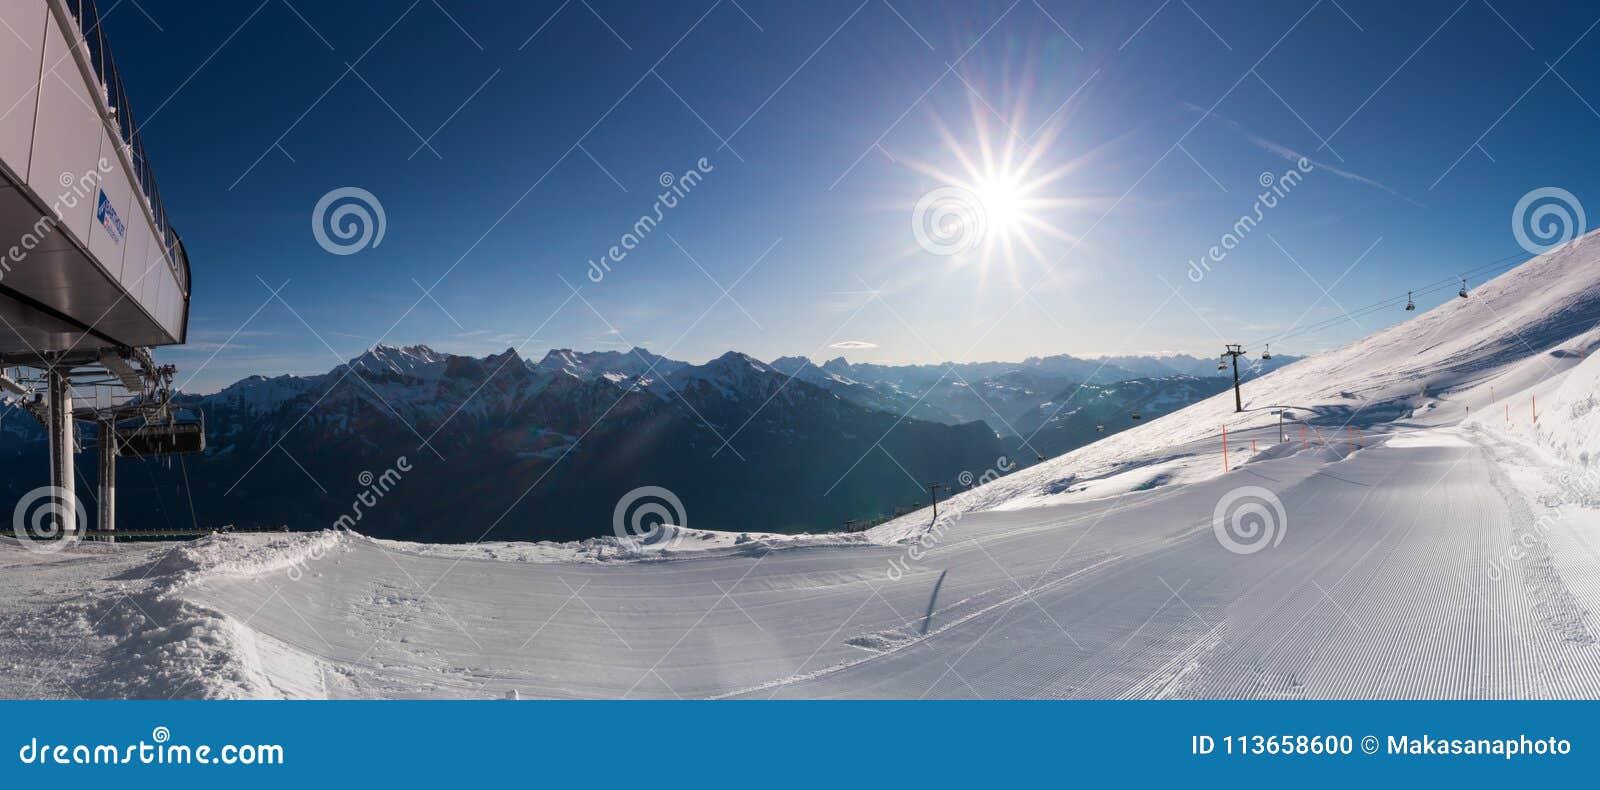 Pendio dello sci e area appeni preparato dello sci con gli ascensori ed i pendii